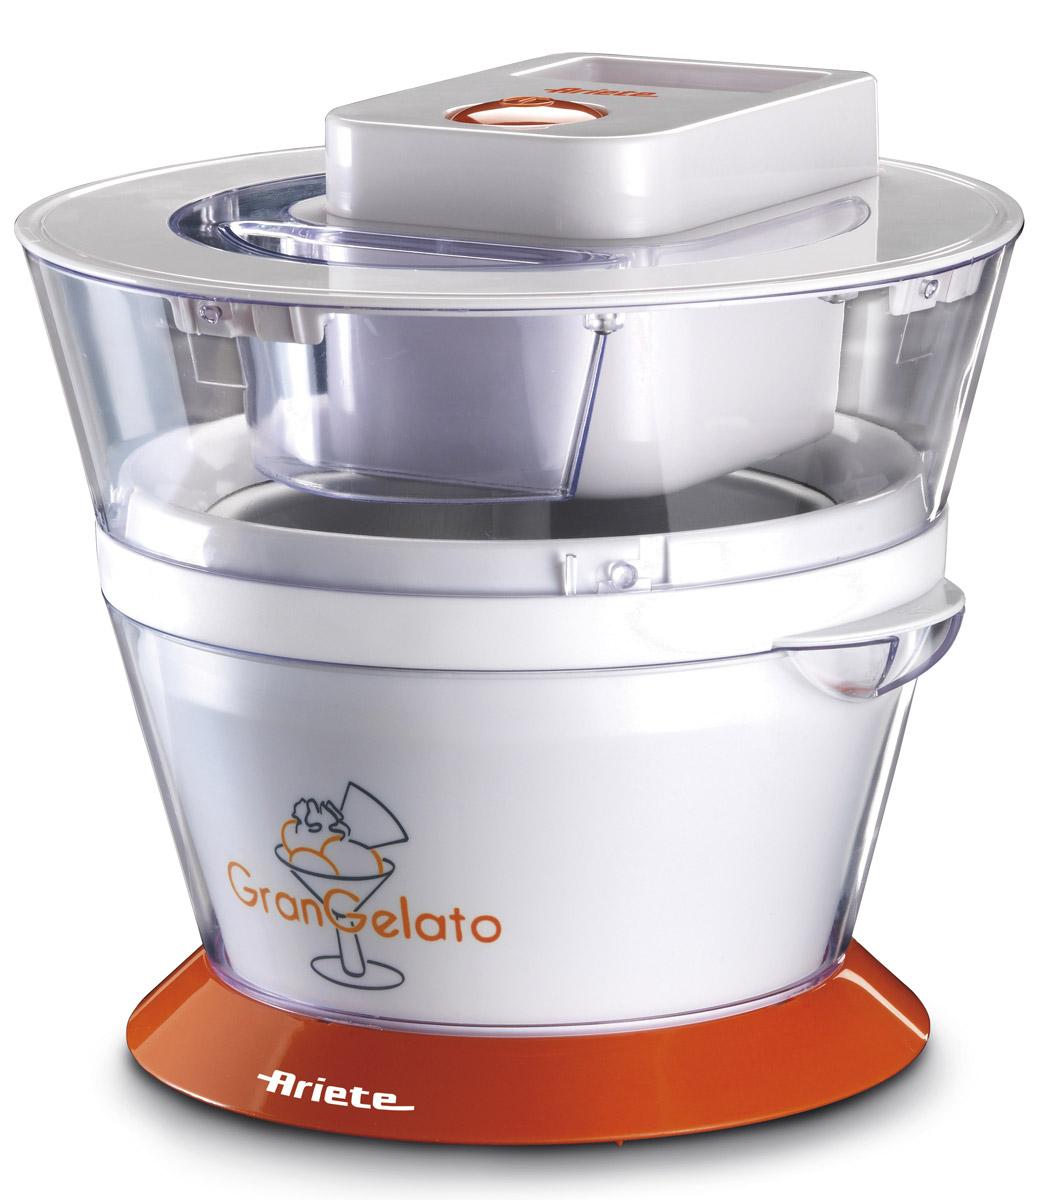 Ariete 638 Gran Gelato мороженица638Ariete 638 Gran Gelato — это удобная и компактная мороженица. В съемной чаше объемом 1 литр вы сможете приготовить вкусное лакомство сразу для всей семьи. За счет съемных деталей Ariete 638 очень легко мыть, а эргономичный дизайн позволяет компактно хранить прибор. Аппарат специально оборудован прозрачной крышкой для удобства контролирования процесса приготовления. Теперь у вас есть шанс приготовить вкусное мороженое меньше, чем за час. Все, что от вас потребуется, — это поместить в мороженицу необходимые ингредиенты и после приготовления поместить мороженое в холодильник охладиться.